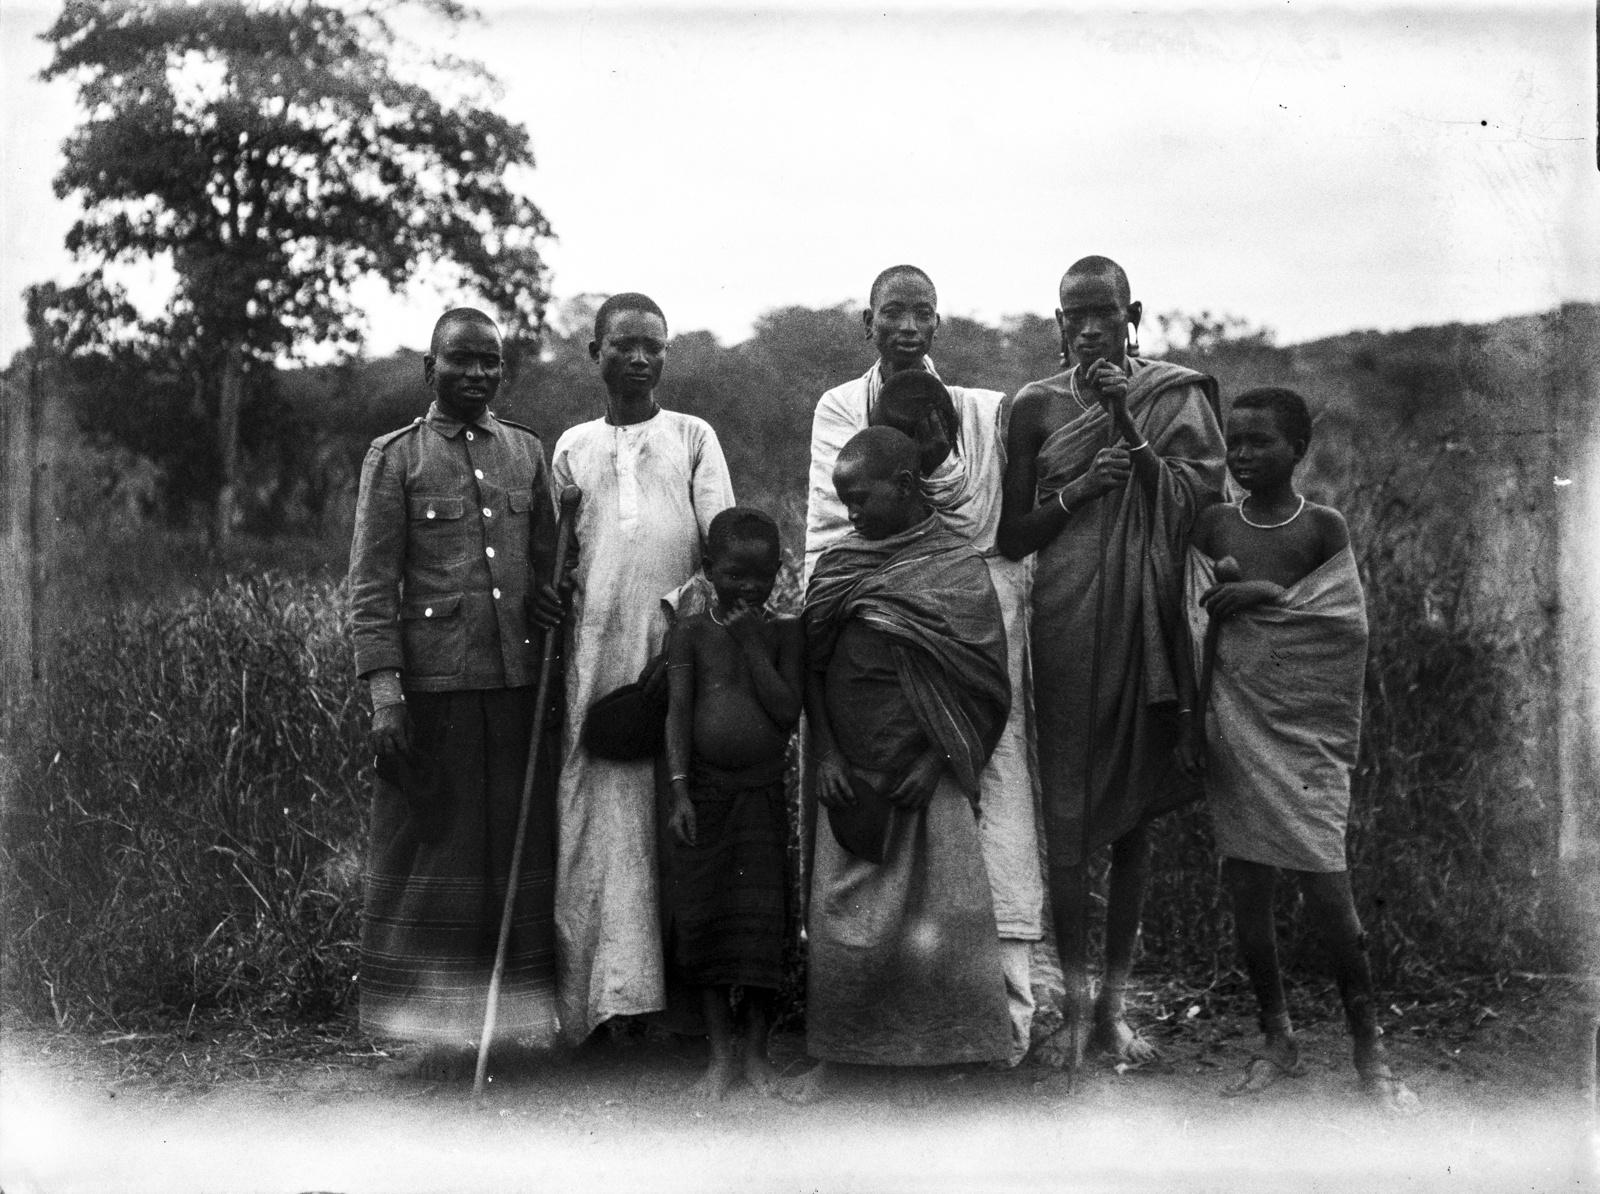 212. Группа аборигенов в традиционной одежде